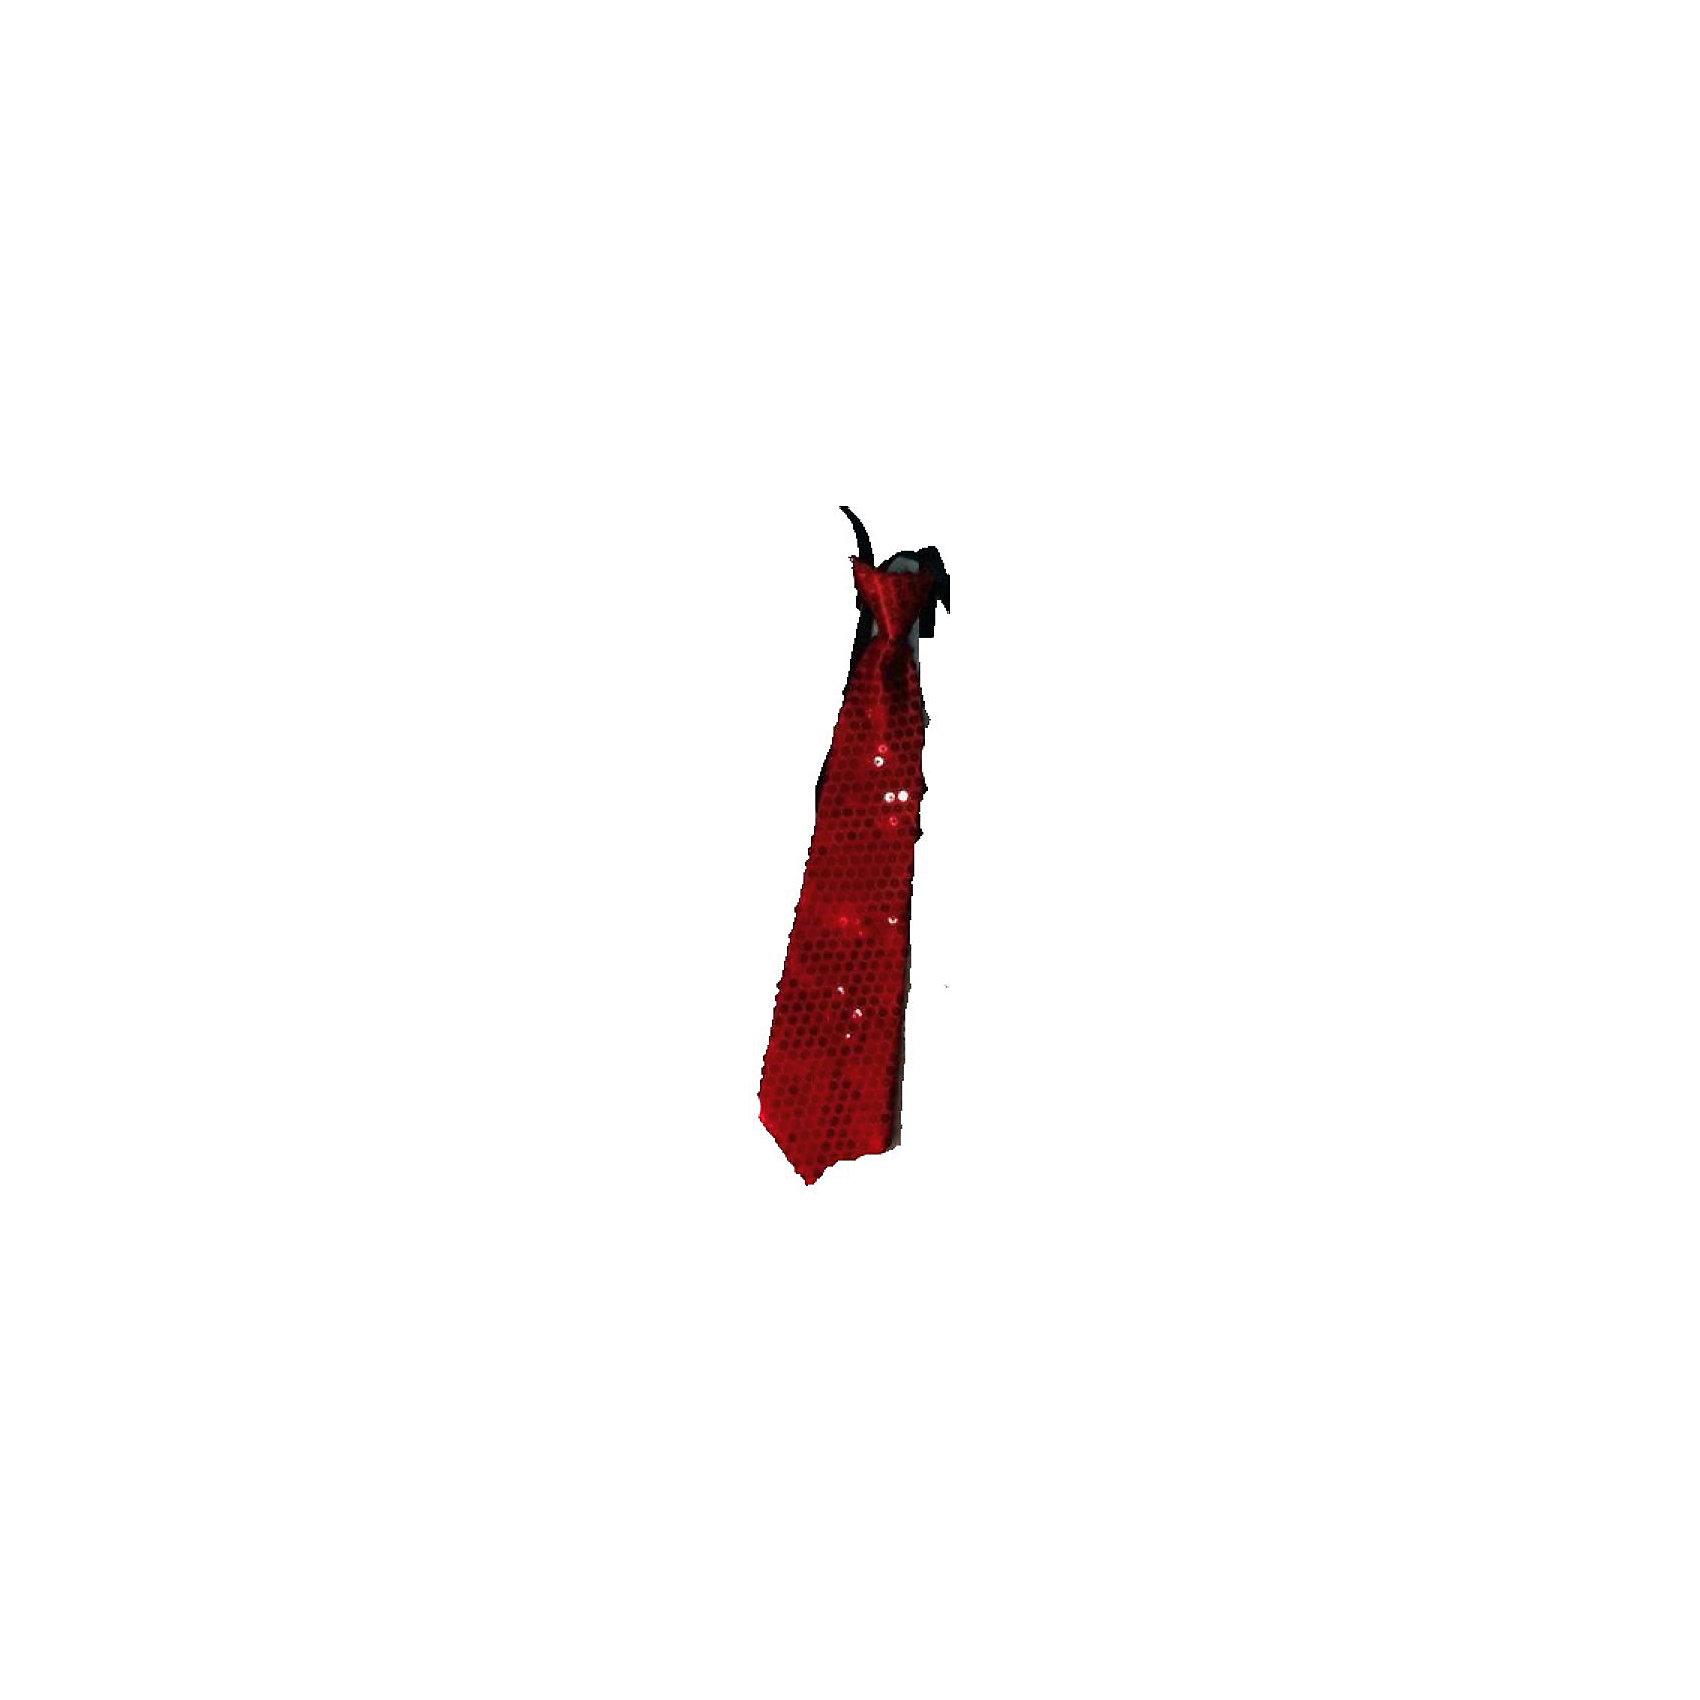 Маскарадный галстук, красныйМаскарадный галстук, красный – это возможность превратить праздник в необычное, яркое шоу.<br>Красный блестящий галстук великолепно дополнит образ вашего персонажа, подчеркнет его характер и сформирует облик в целом. Если у вас намечается веселая вечеринка или маскарад, то такой аксессуар легко поможет создать праздничный наряд. Внесите нотку задора и веселья в праздник. Веселое настроение и масса положительных эмоций будут обеспечены!<br><br>Дополнительная информация:<br><br>- Размер: 35 см.<br>- Материал: полиэстер<br>- Цвет: красный<br><br>Маскарадный галстук, красный можно купить в нашем интернет-магазине.<br><br>Ширина мм: 350<br>Глубина мм: 80<br>Высота мм: 20<br>Вес г: 23<br>Возраст от месяцев: 48<br>Возраст до месяцев: 1188<br>Пол: Мужской<br>Возраст: Детский<br>SKU: 4280637